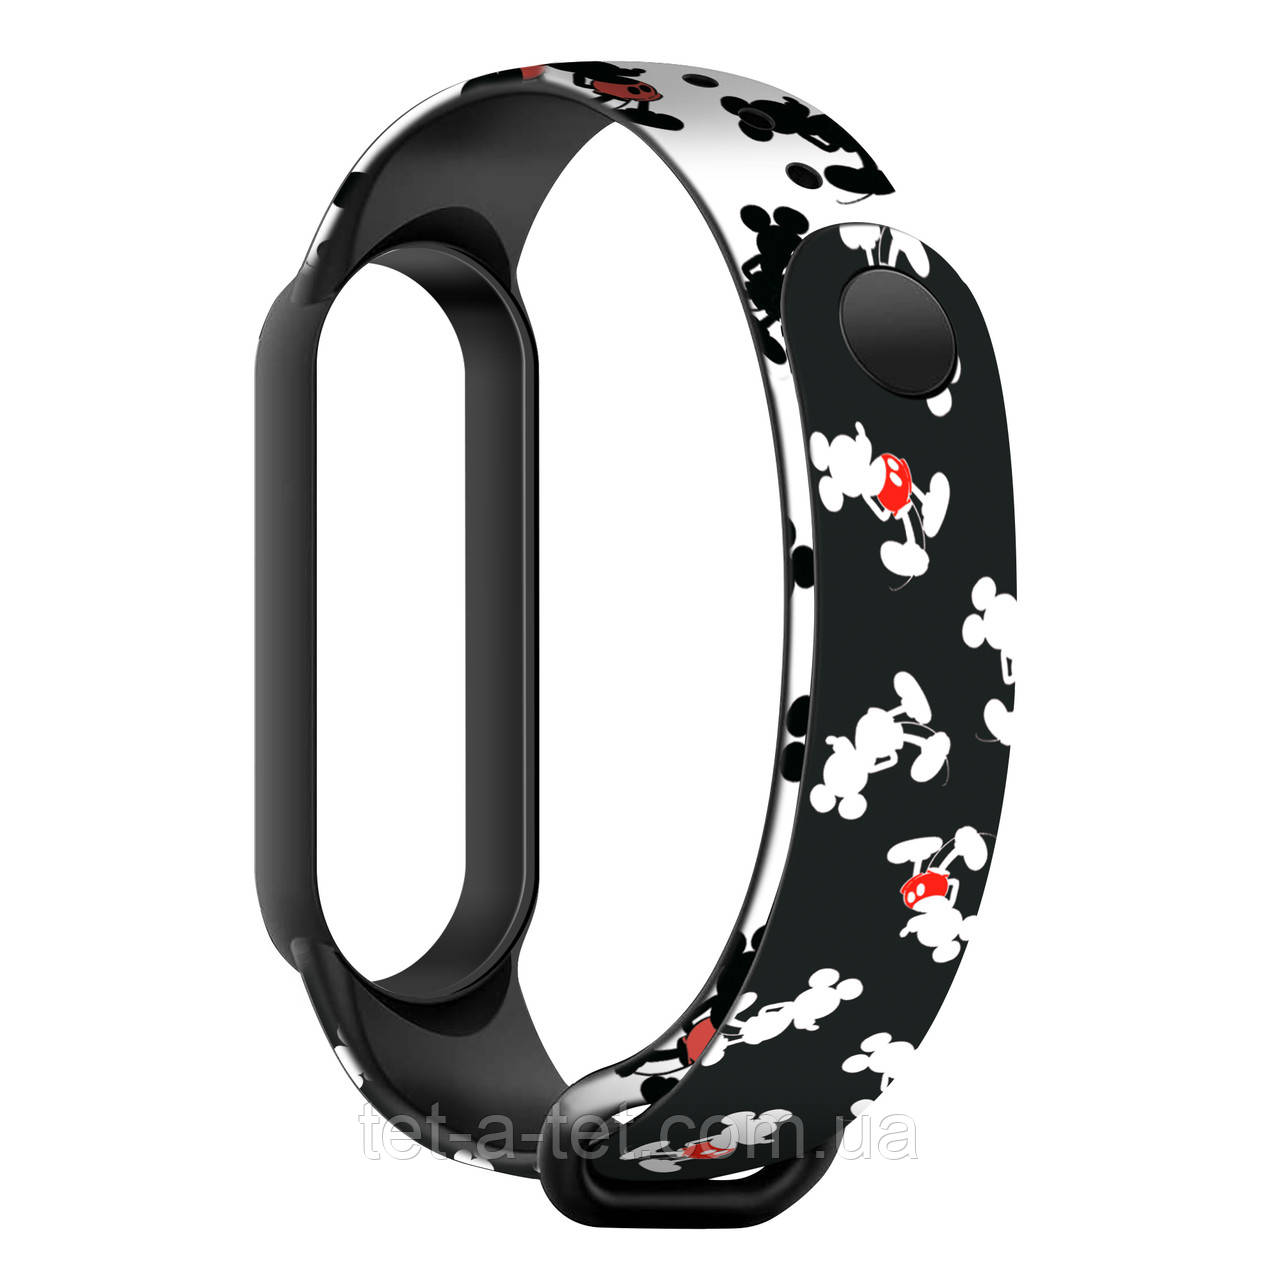 Силіконовий ремінець з принтом Cartoon для Xiaomi Mi Band 6/5 Mickey Siluet Black (чорний)